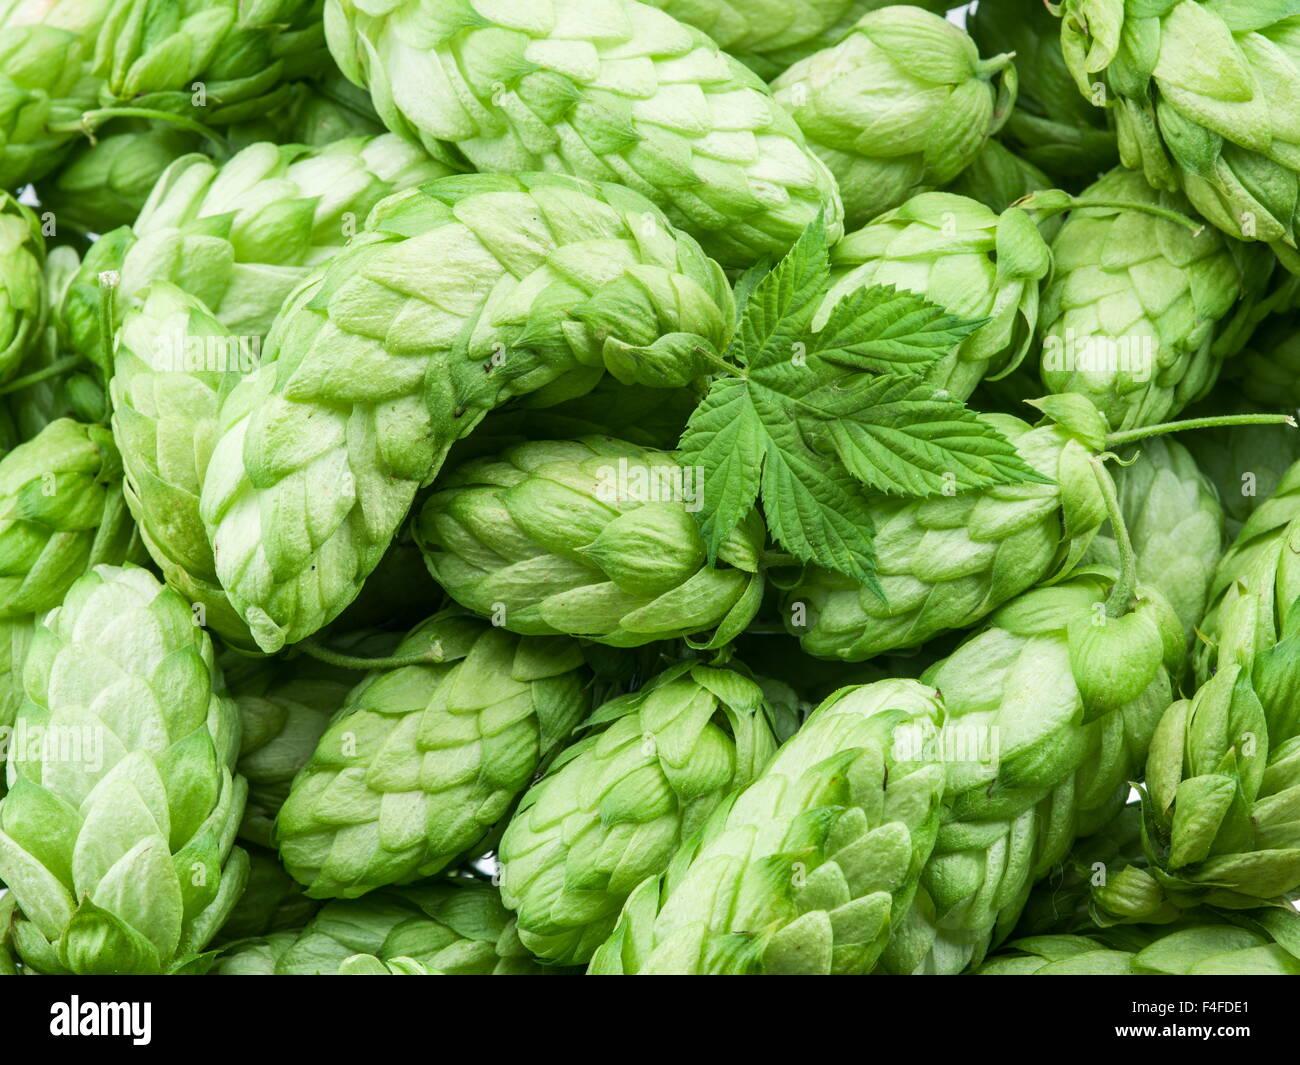 Grünen Hopfenzapfen - Zutat bei der Herstellung von Bier. Stockbild